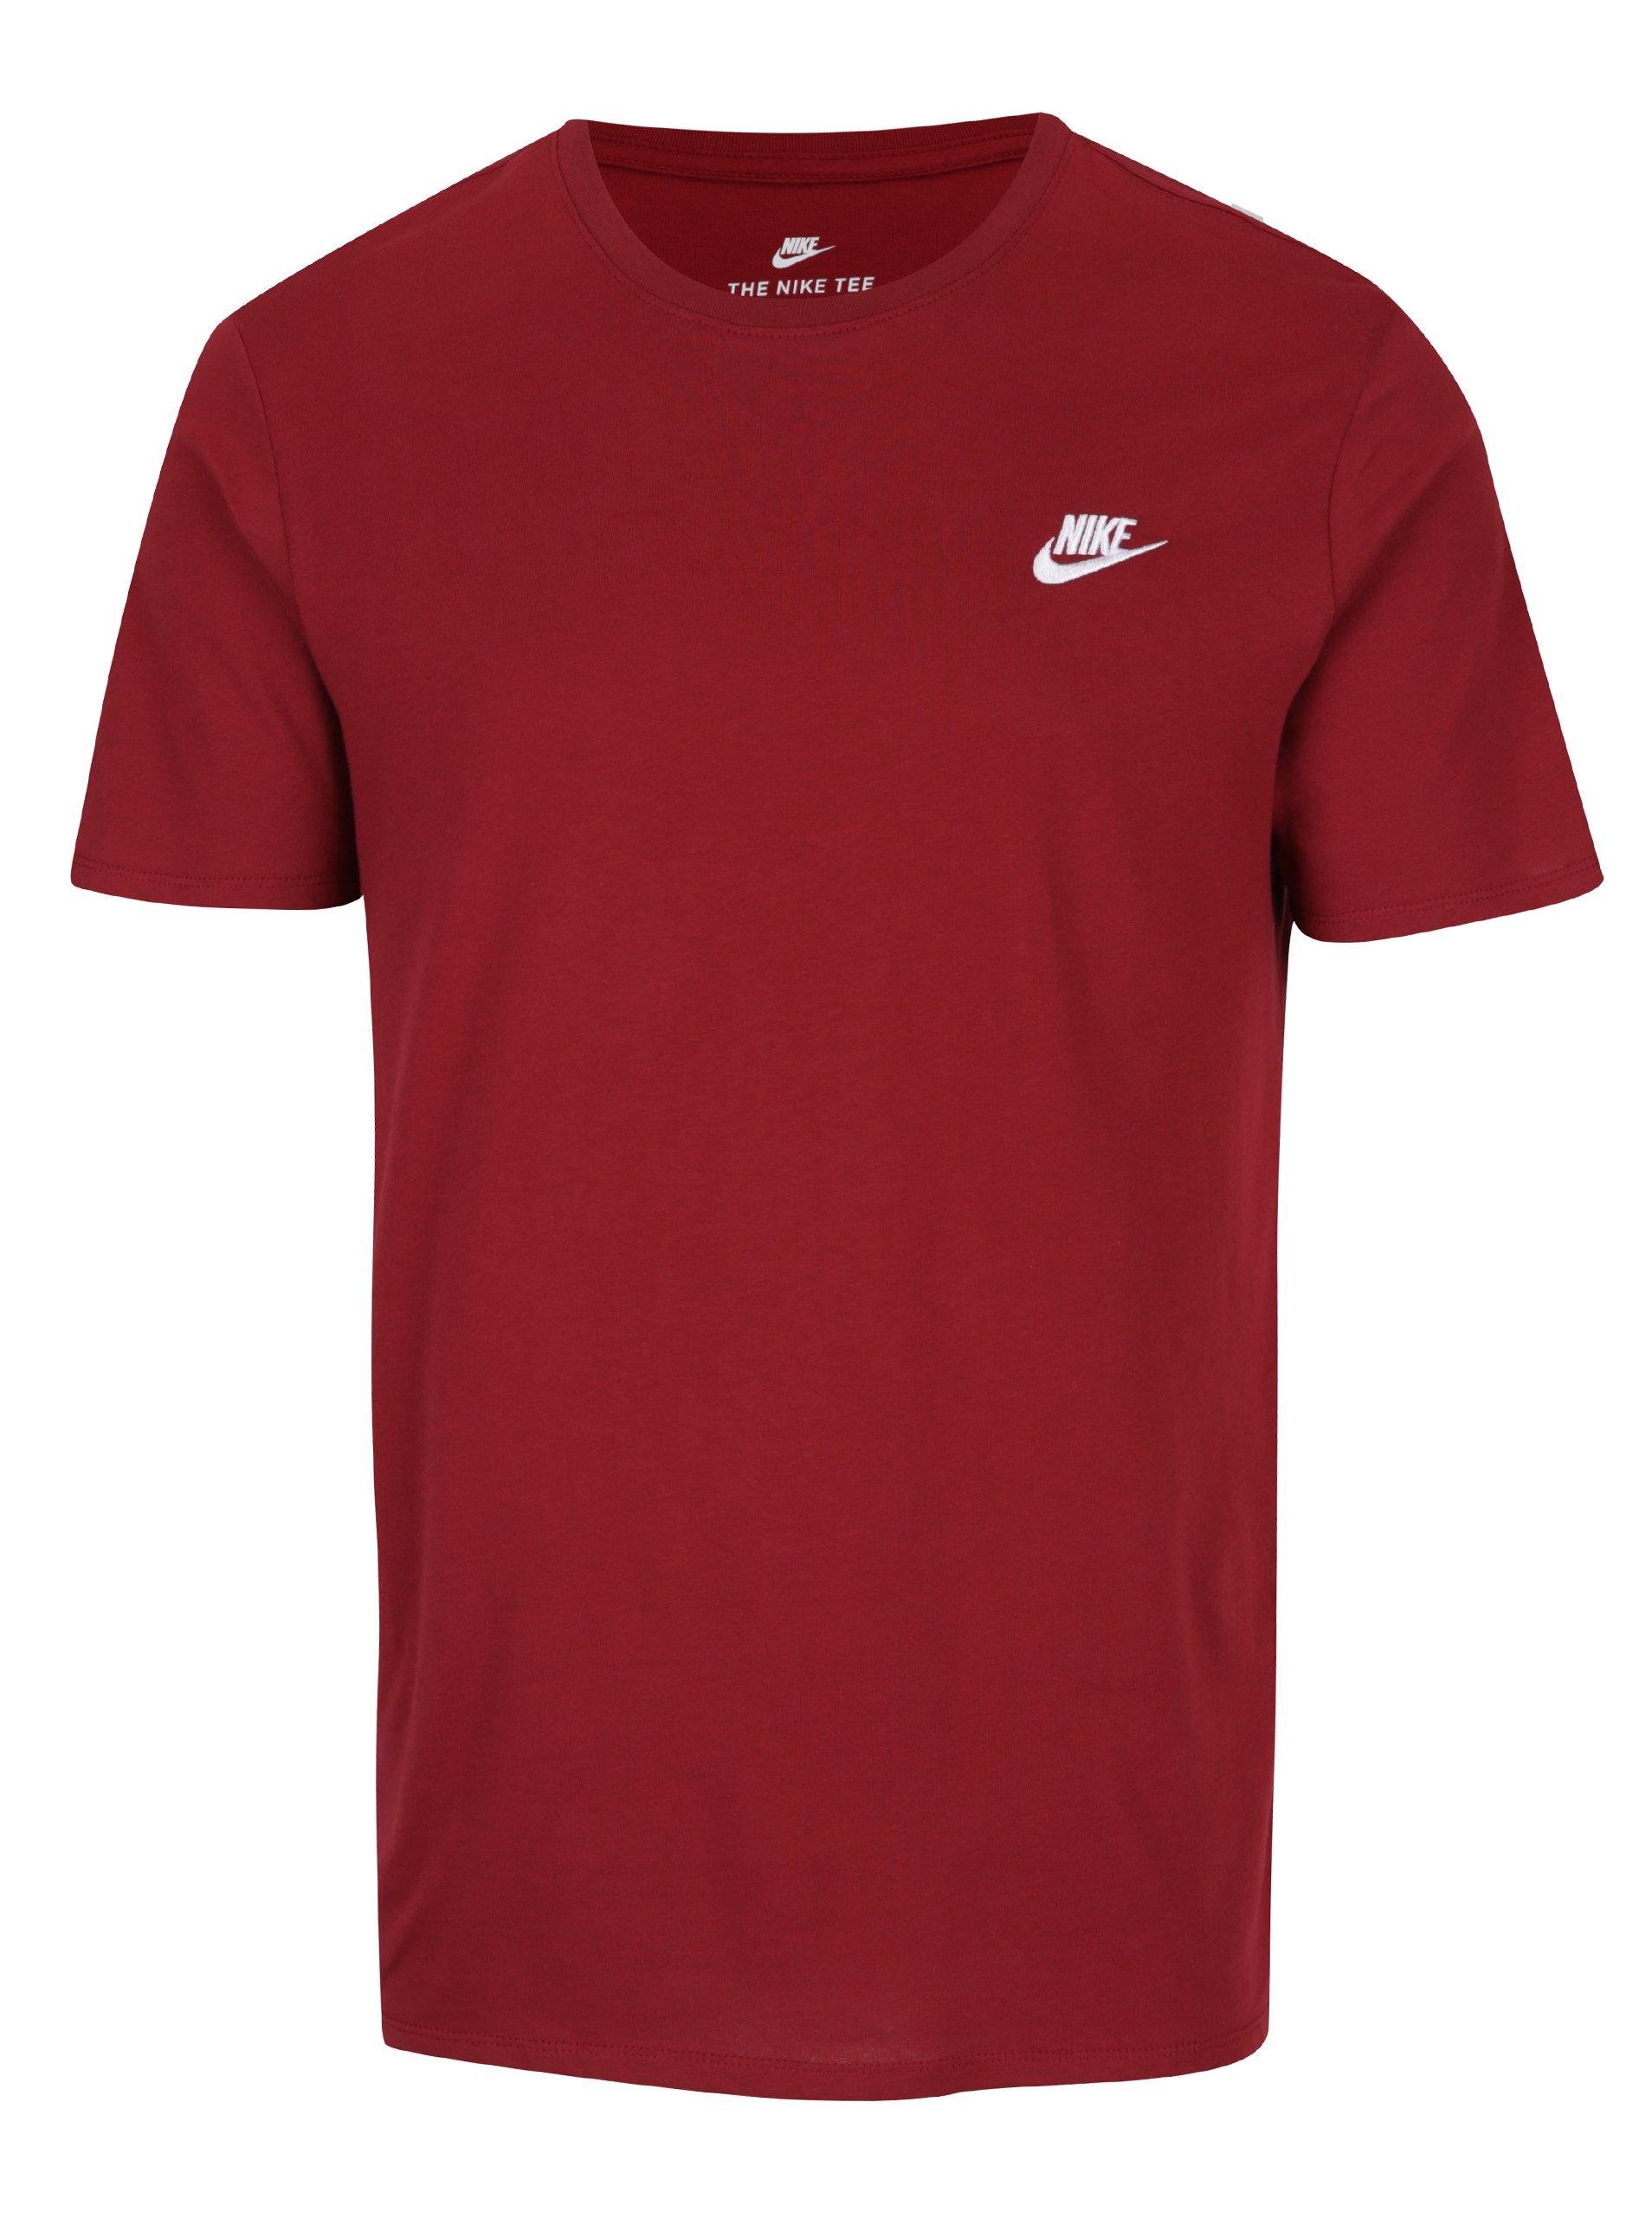 Vínové pánské tričko s nášivkou Nike